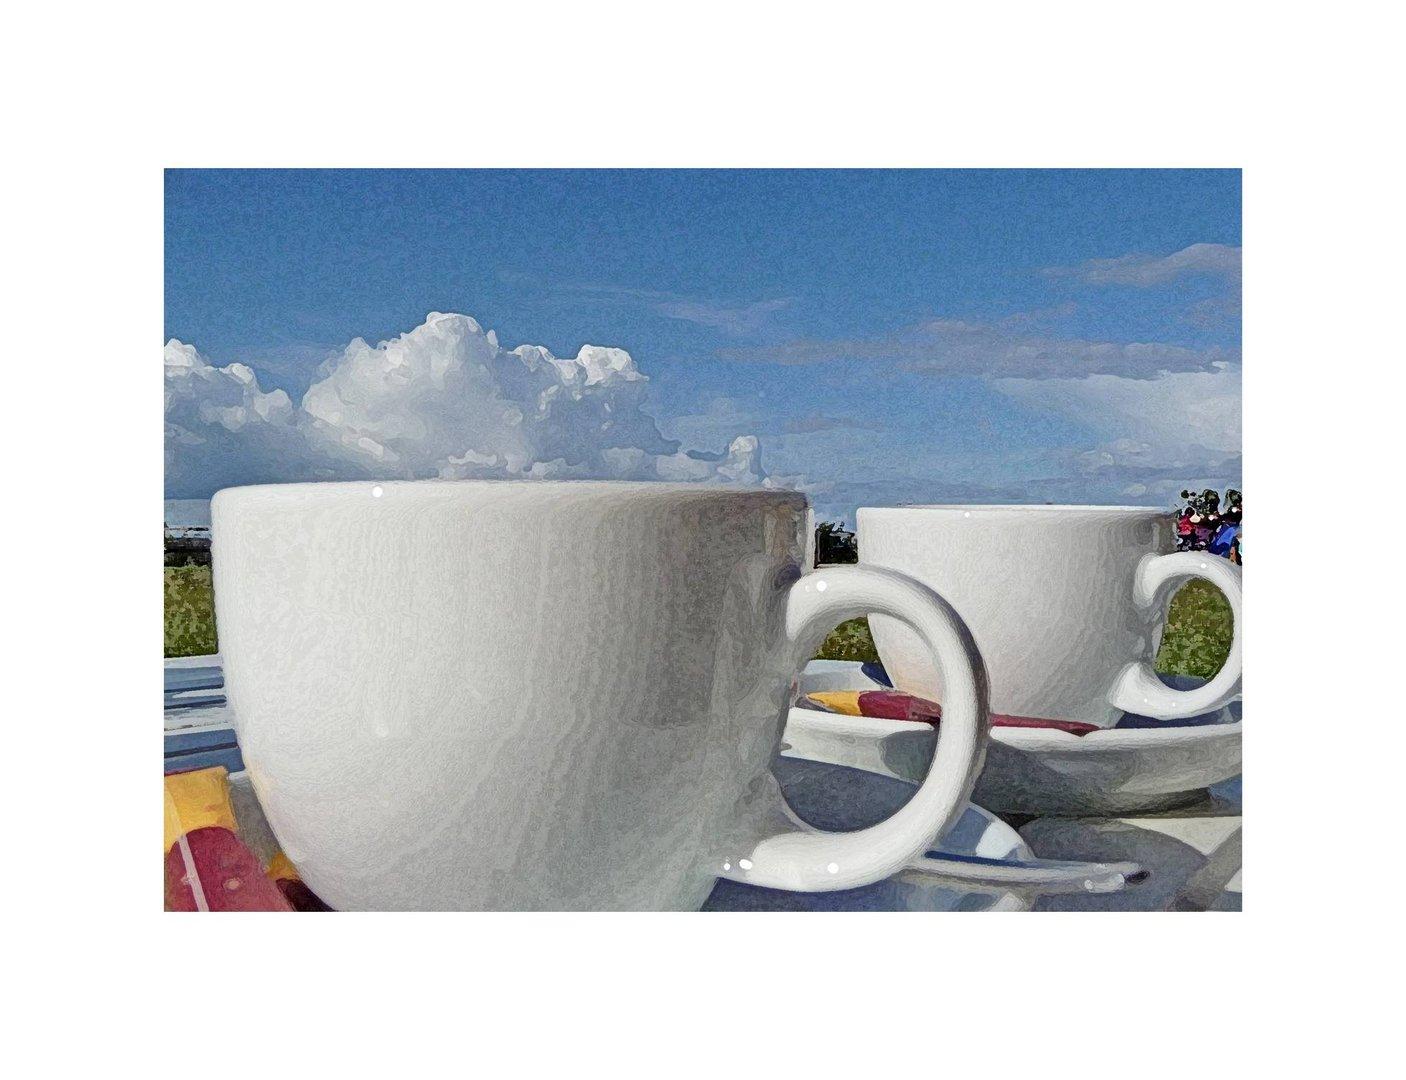 Himmlischer Cappuccino